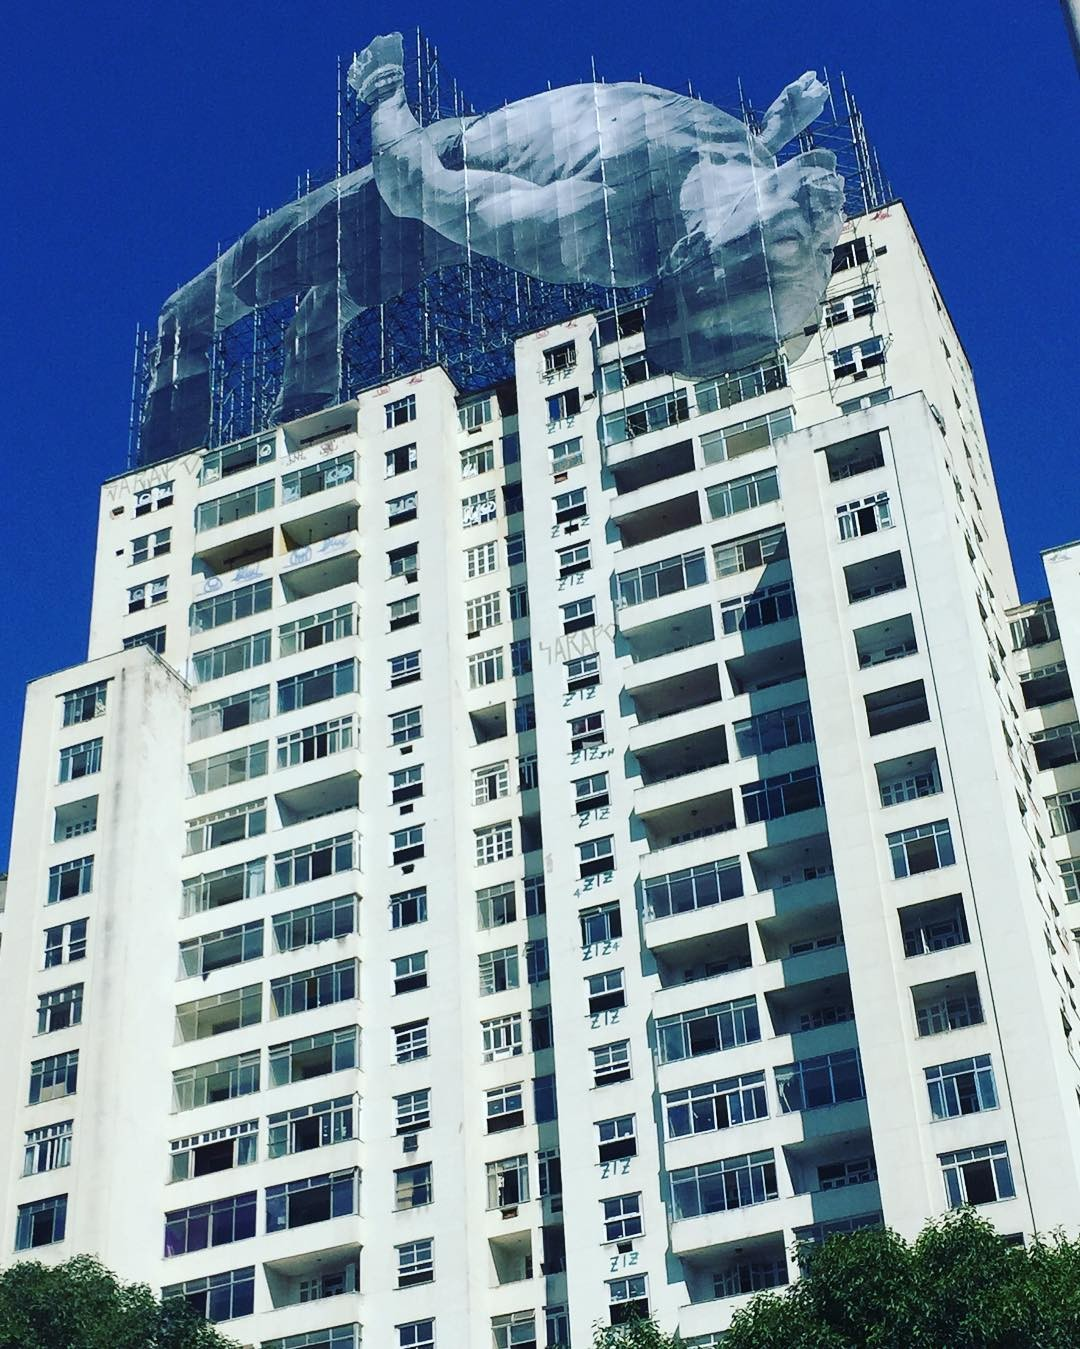 Obra de Jr no topo do prédio no Aterro do Flamengo (Foto: Reprodução/Instagram)